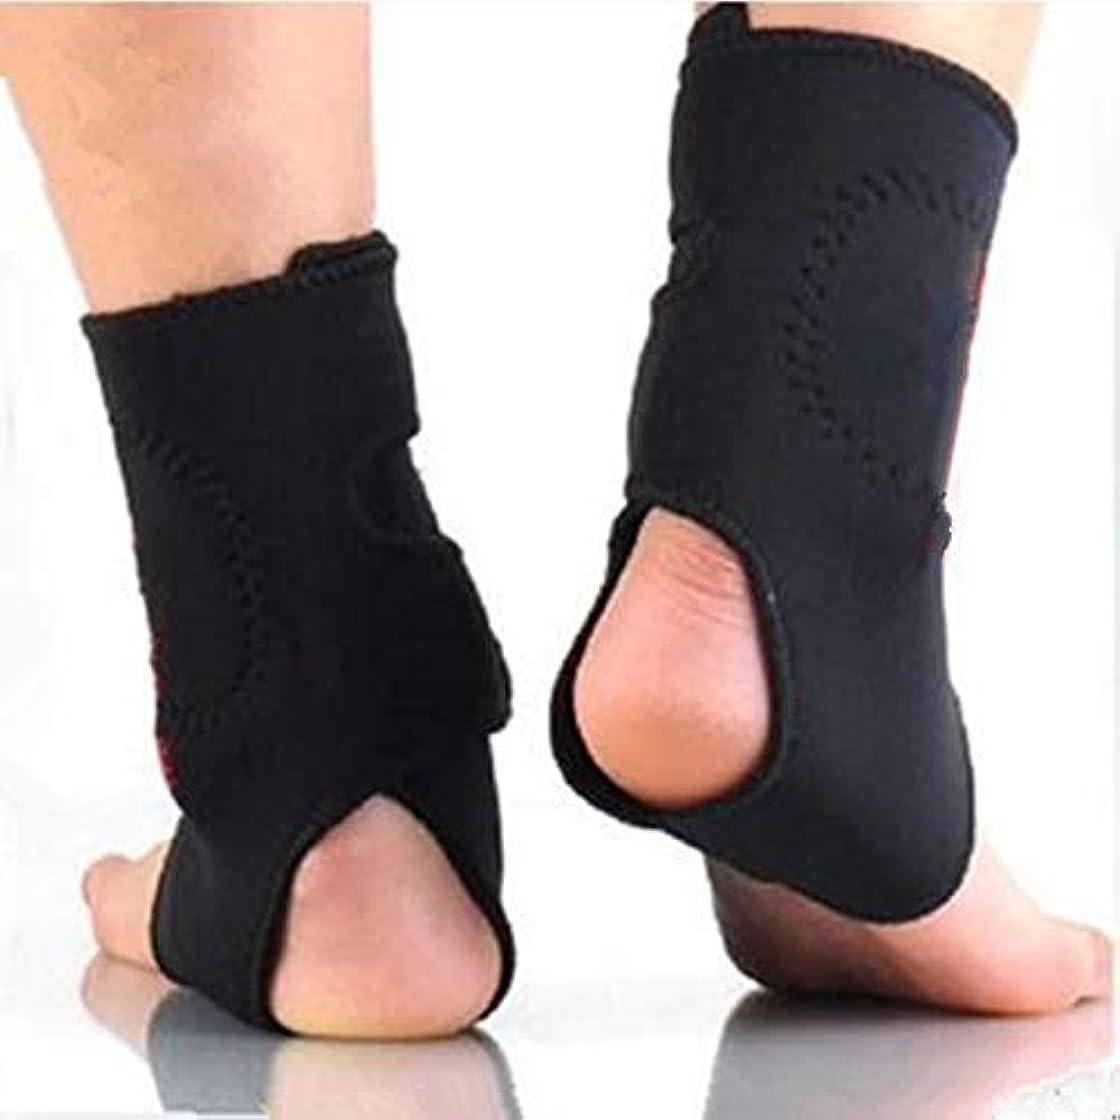 ありがたい半ば投資する2 ピース 自己発熱 トルマリン 遠赤外線磁気治療足首のサポートブレースマッサージャー 痛みリリーフ